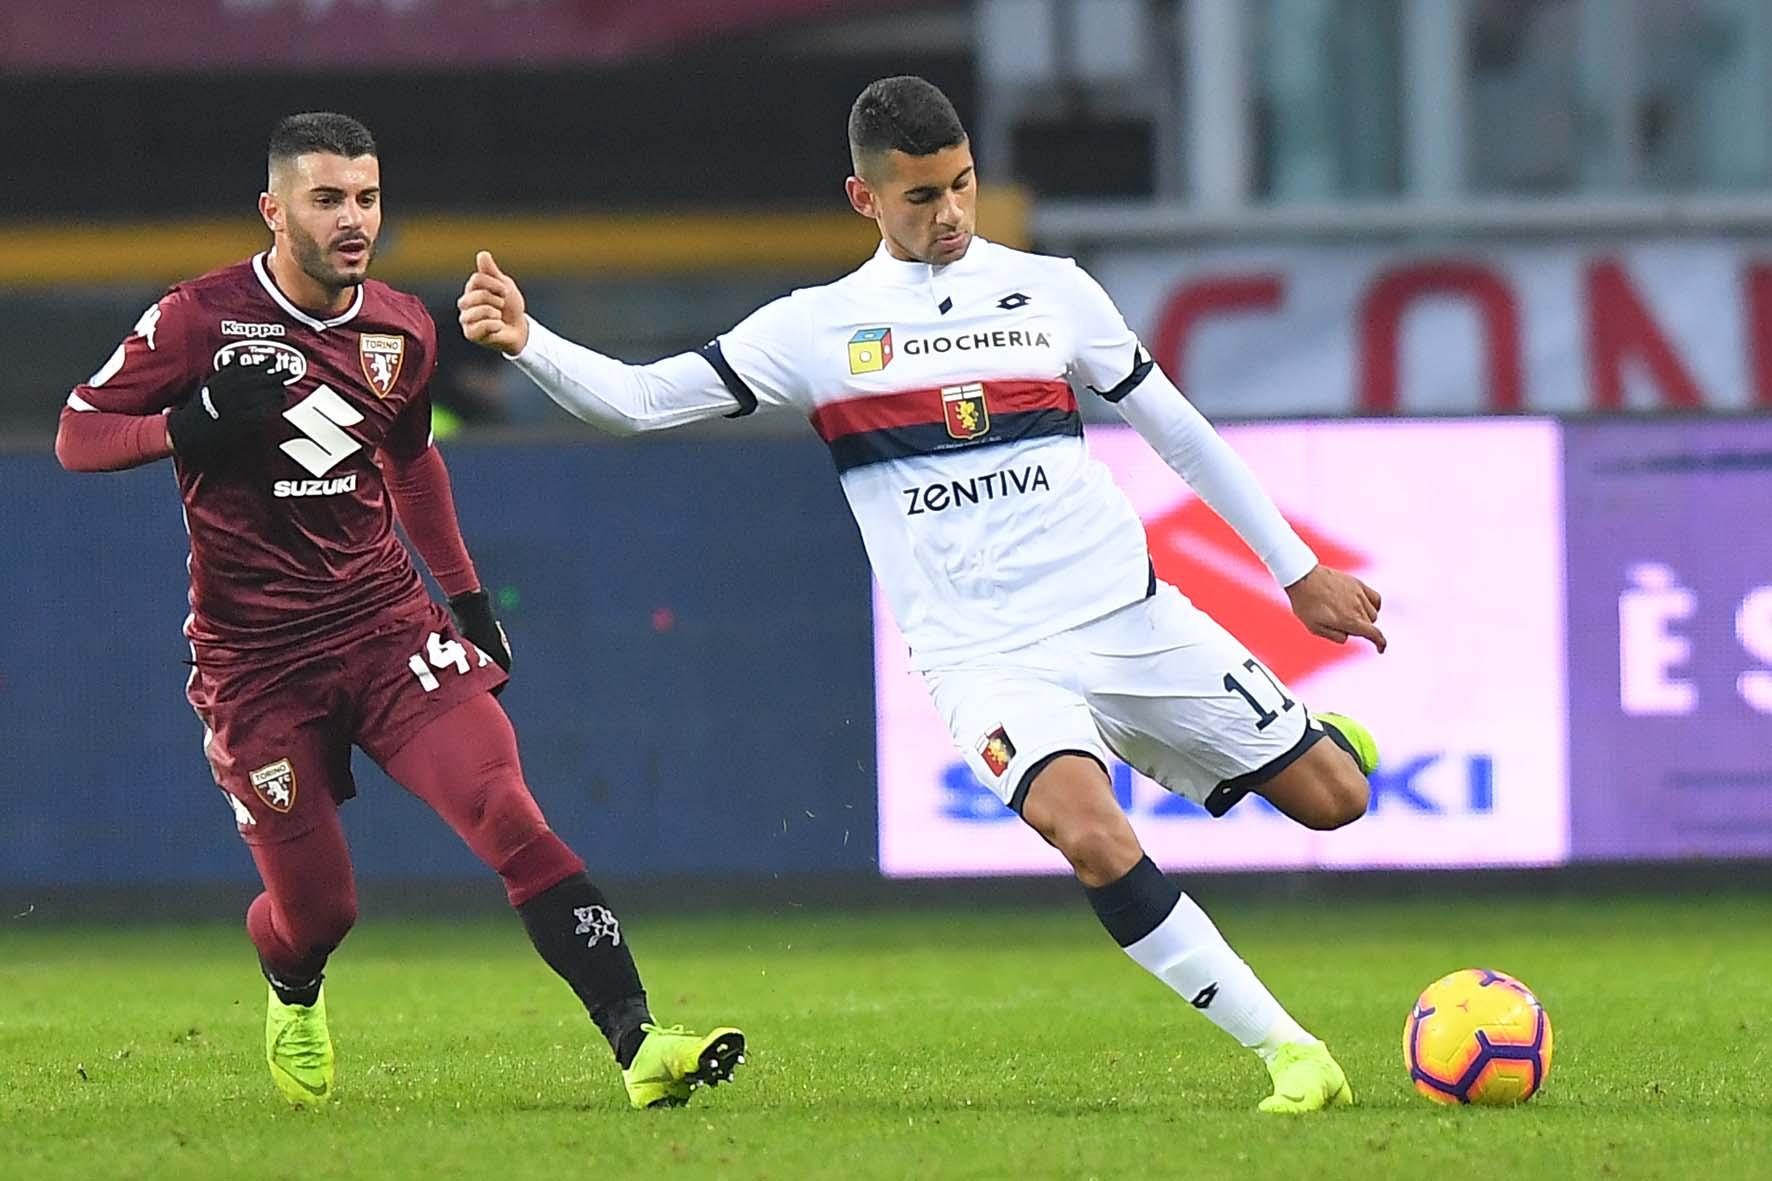 Calciomercato Milan, Piatek obiettivo per giugno: il Genoa lo valuta 60 milioni